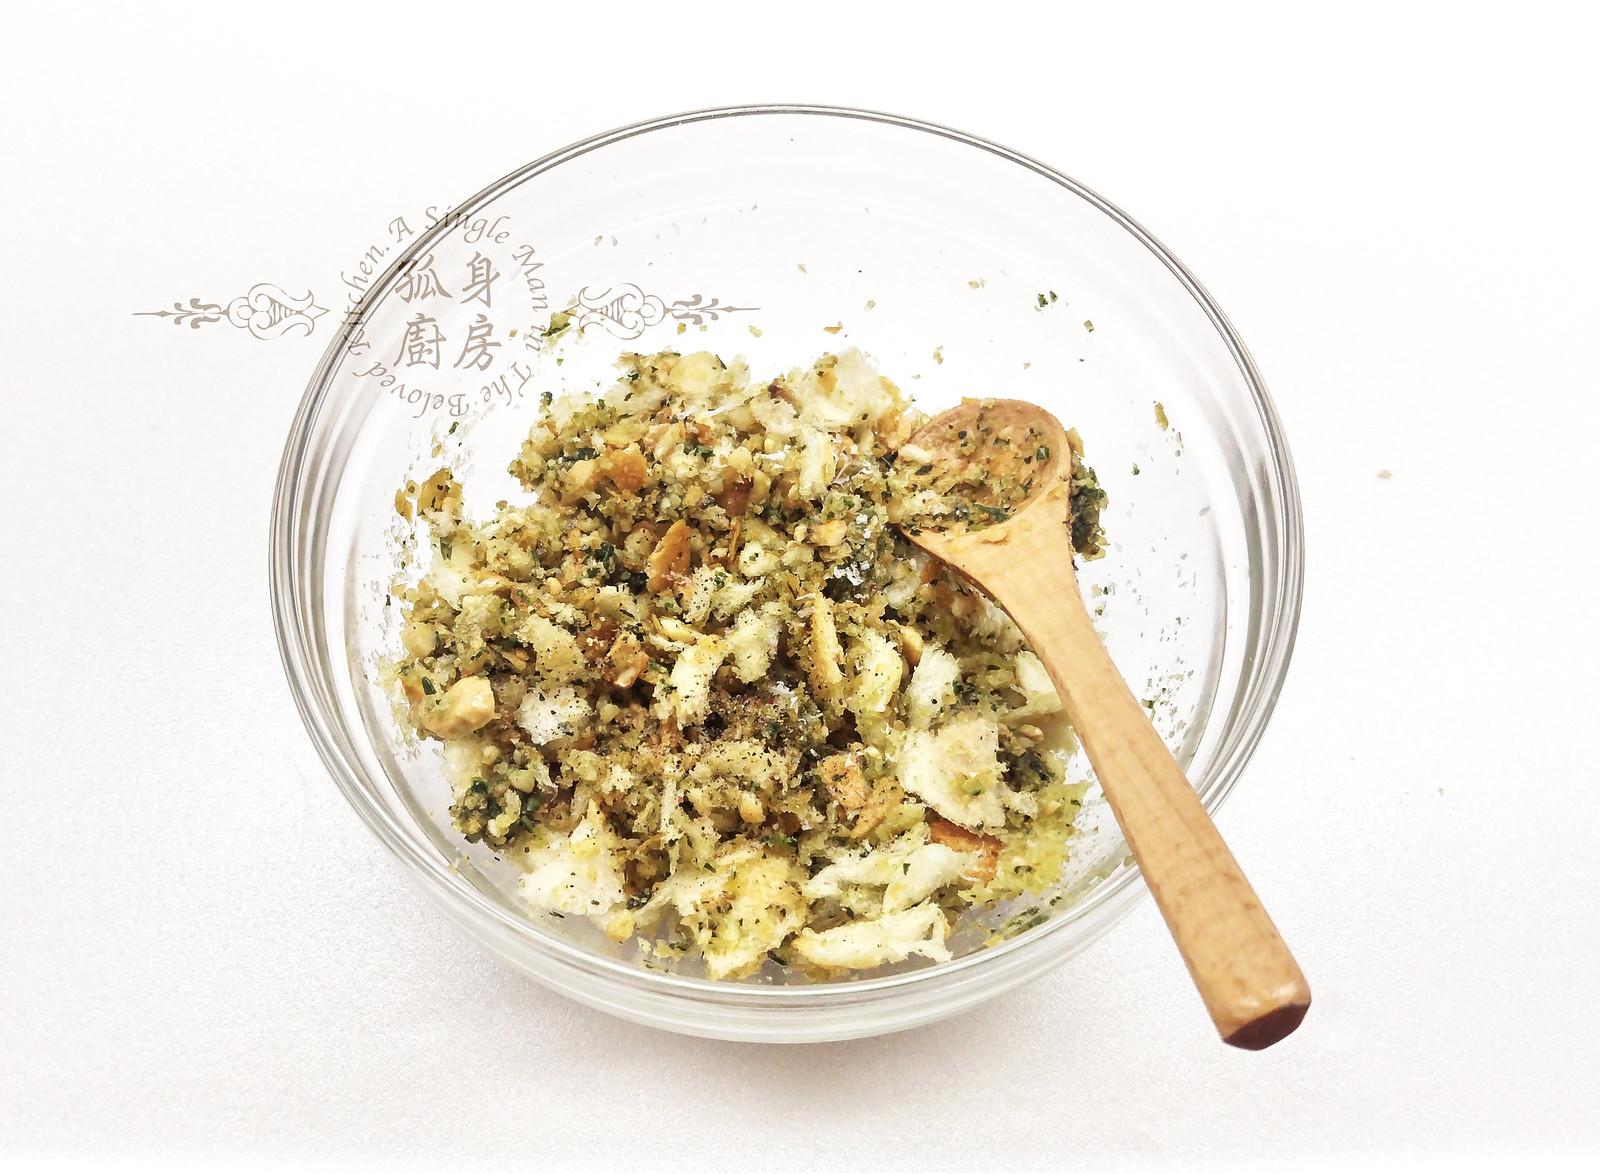 孤身廚房-青醬帕瑪森起司鑲烤朝鮮薊佐簡易油醋蘿蔓沙拉9